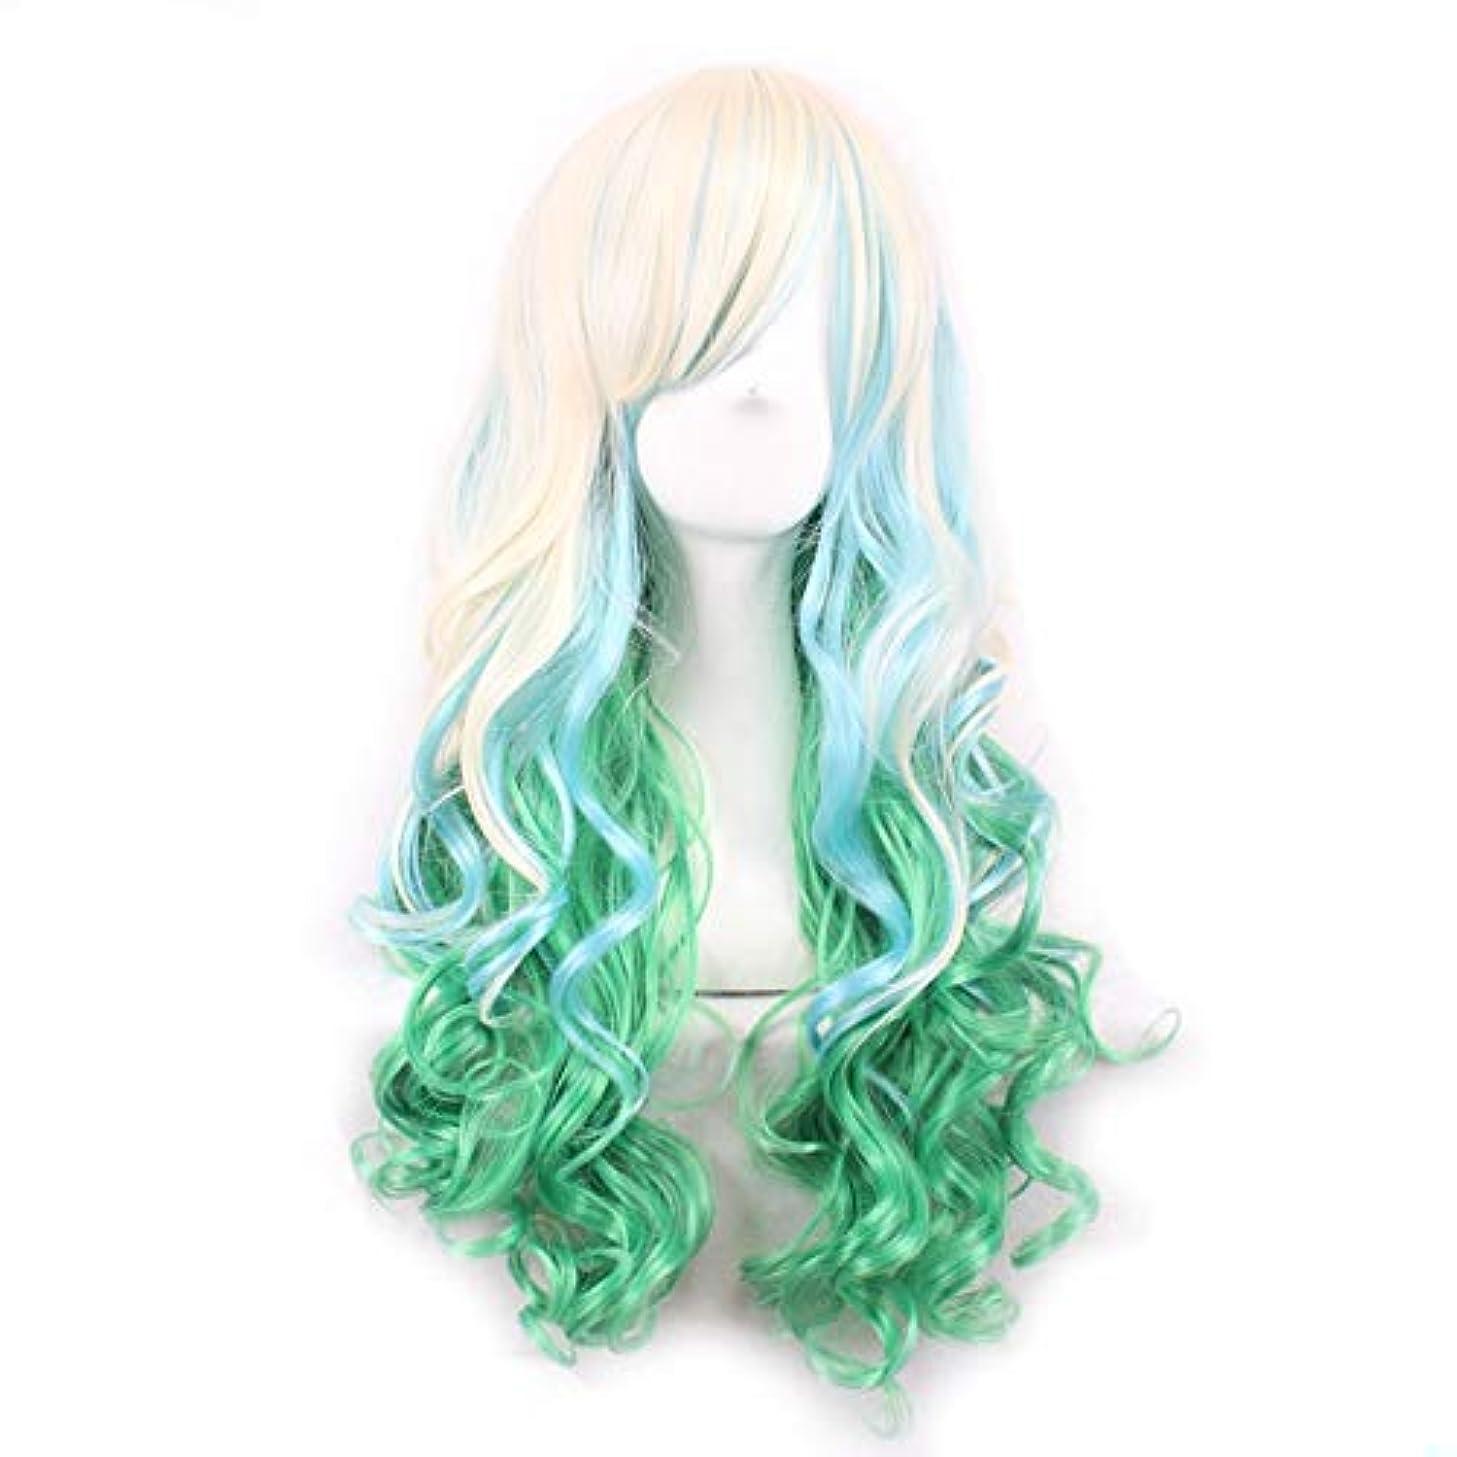 ばかげている明確な楽しませるウィッグキャップでかつらファンシードレスカールかつら女性用高品質合成毛髪コスプレ高密度かつら女性&女の子用グリーン、ダークグリーン (Color : 緑)